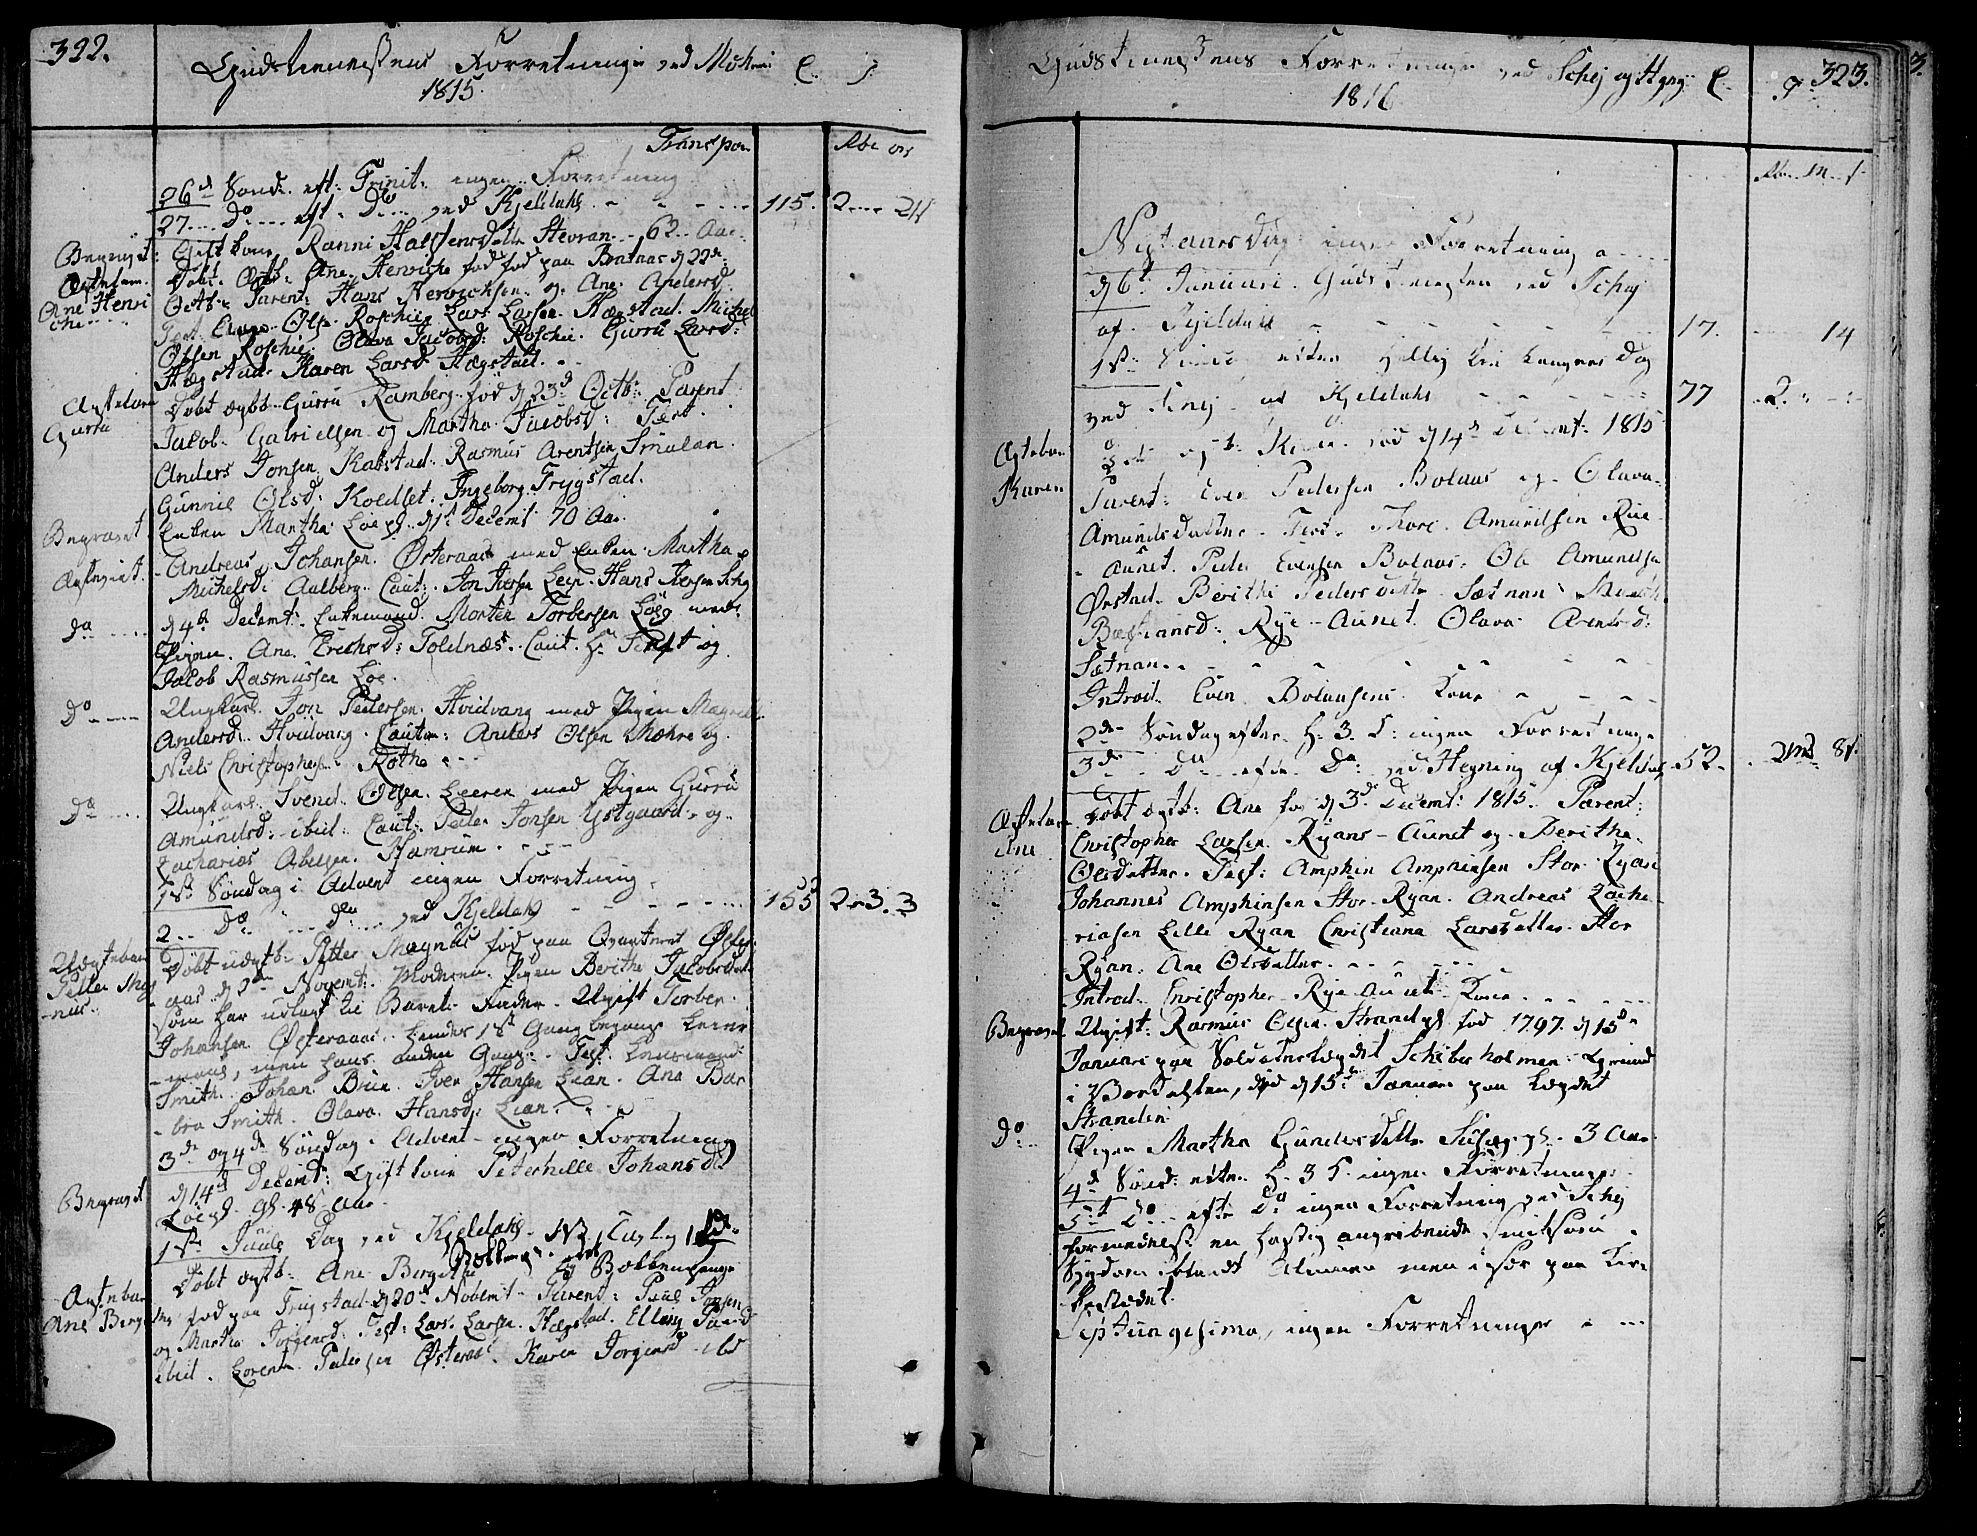 SAT, Ministerialprotokoller, klokkerbøker og fødselsregistre - Nord-Trøndelag, 735/L0332: Ministerialbok nr. 735A03, 1795-1816, s. 322-323